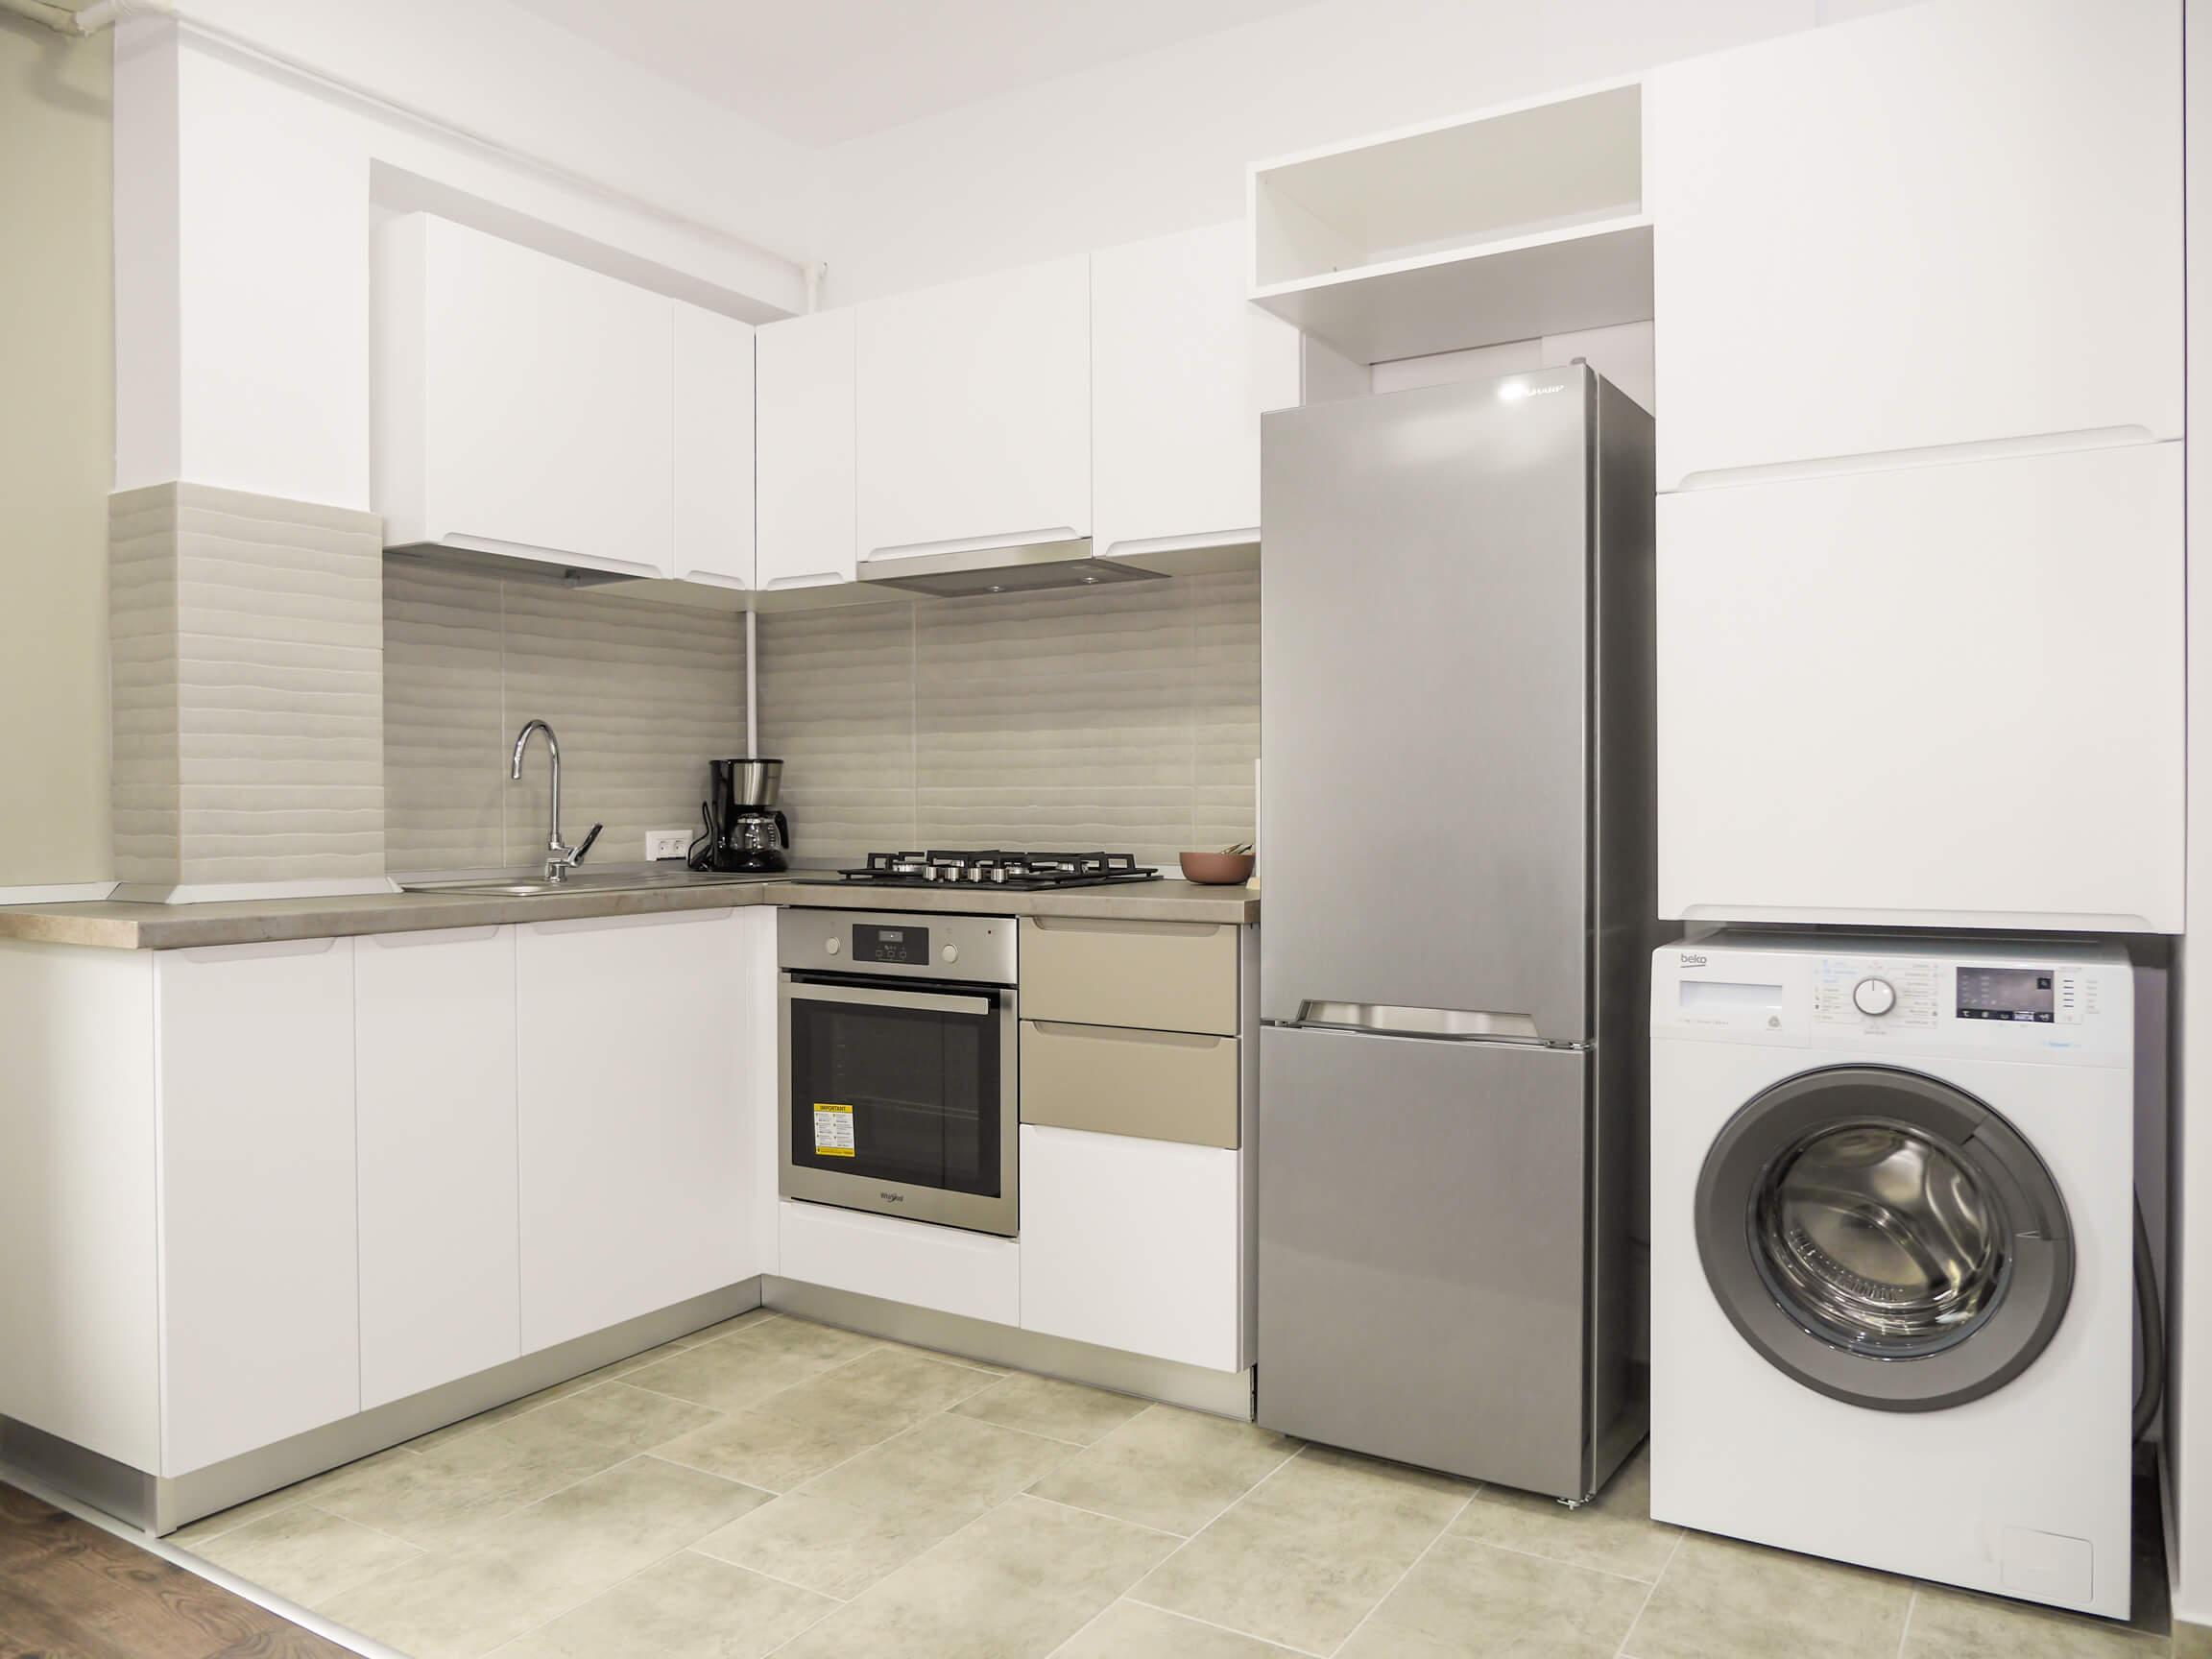 Clement Apartments - apartamente de inchiriat in regim hotelier - cazare neamt - cazare piatra neamt - apartament 7 (7)